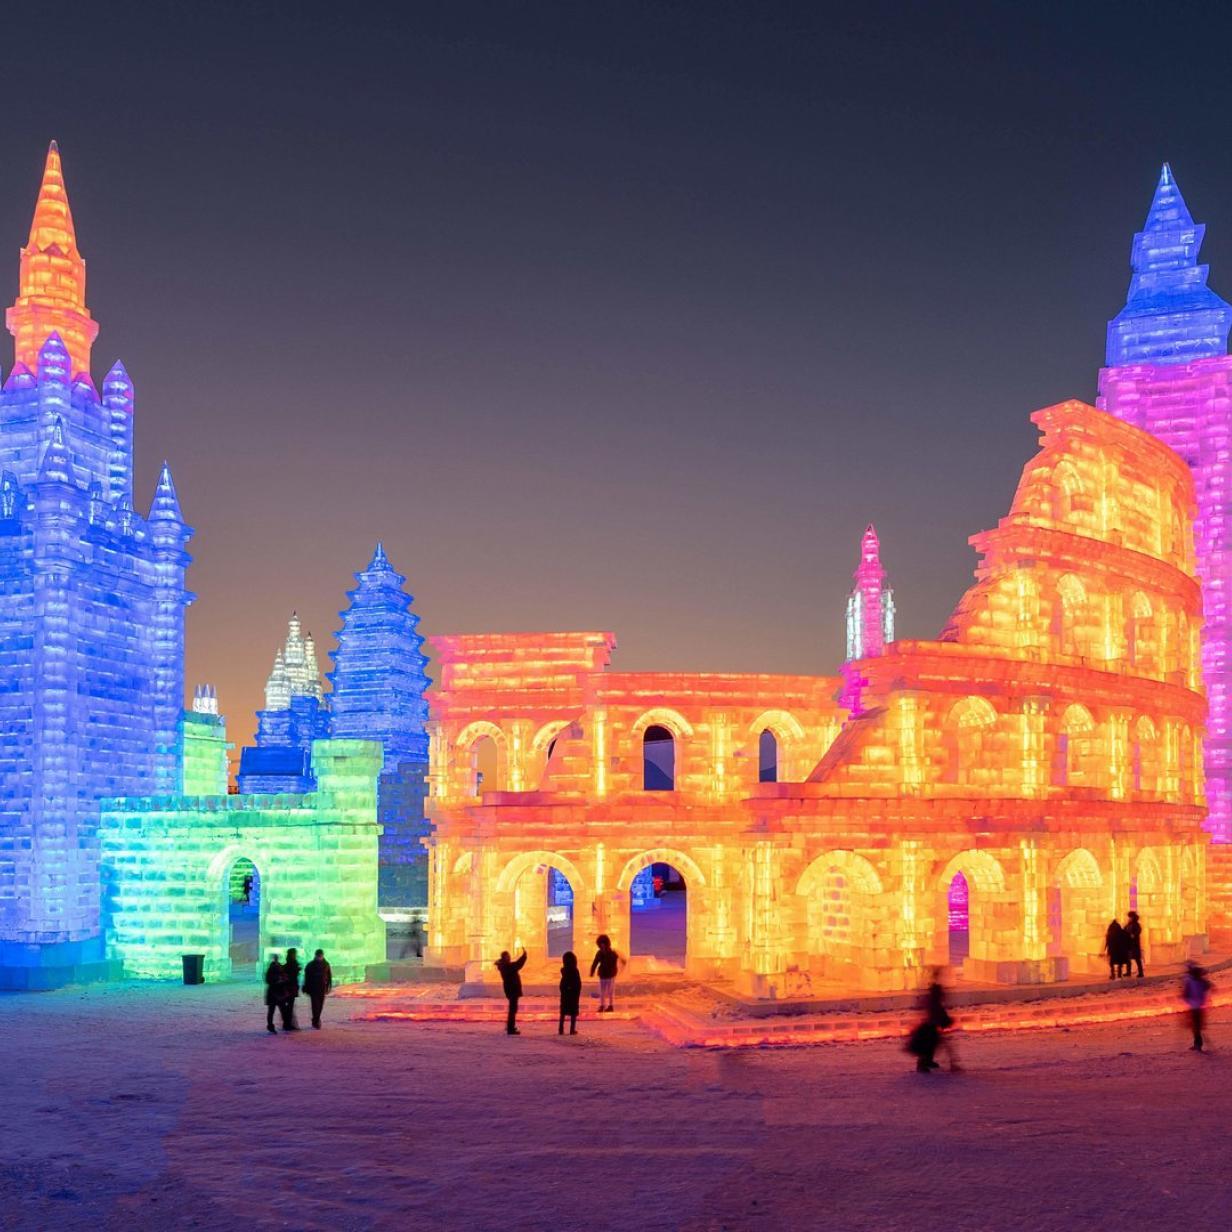 Absolut unverfroren: Städte, Paläste und Orgeln - aus Eis!